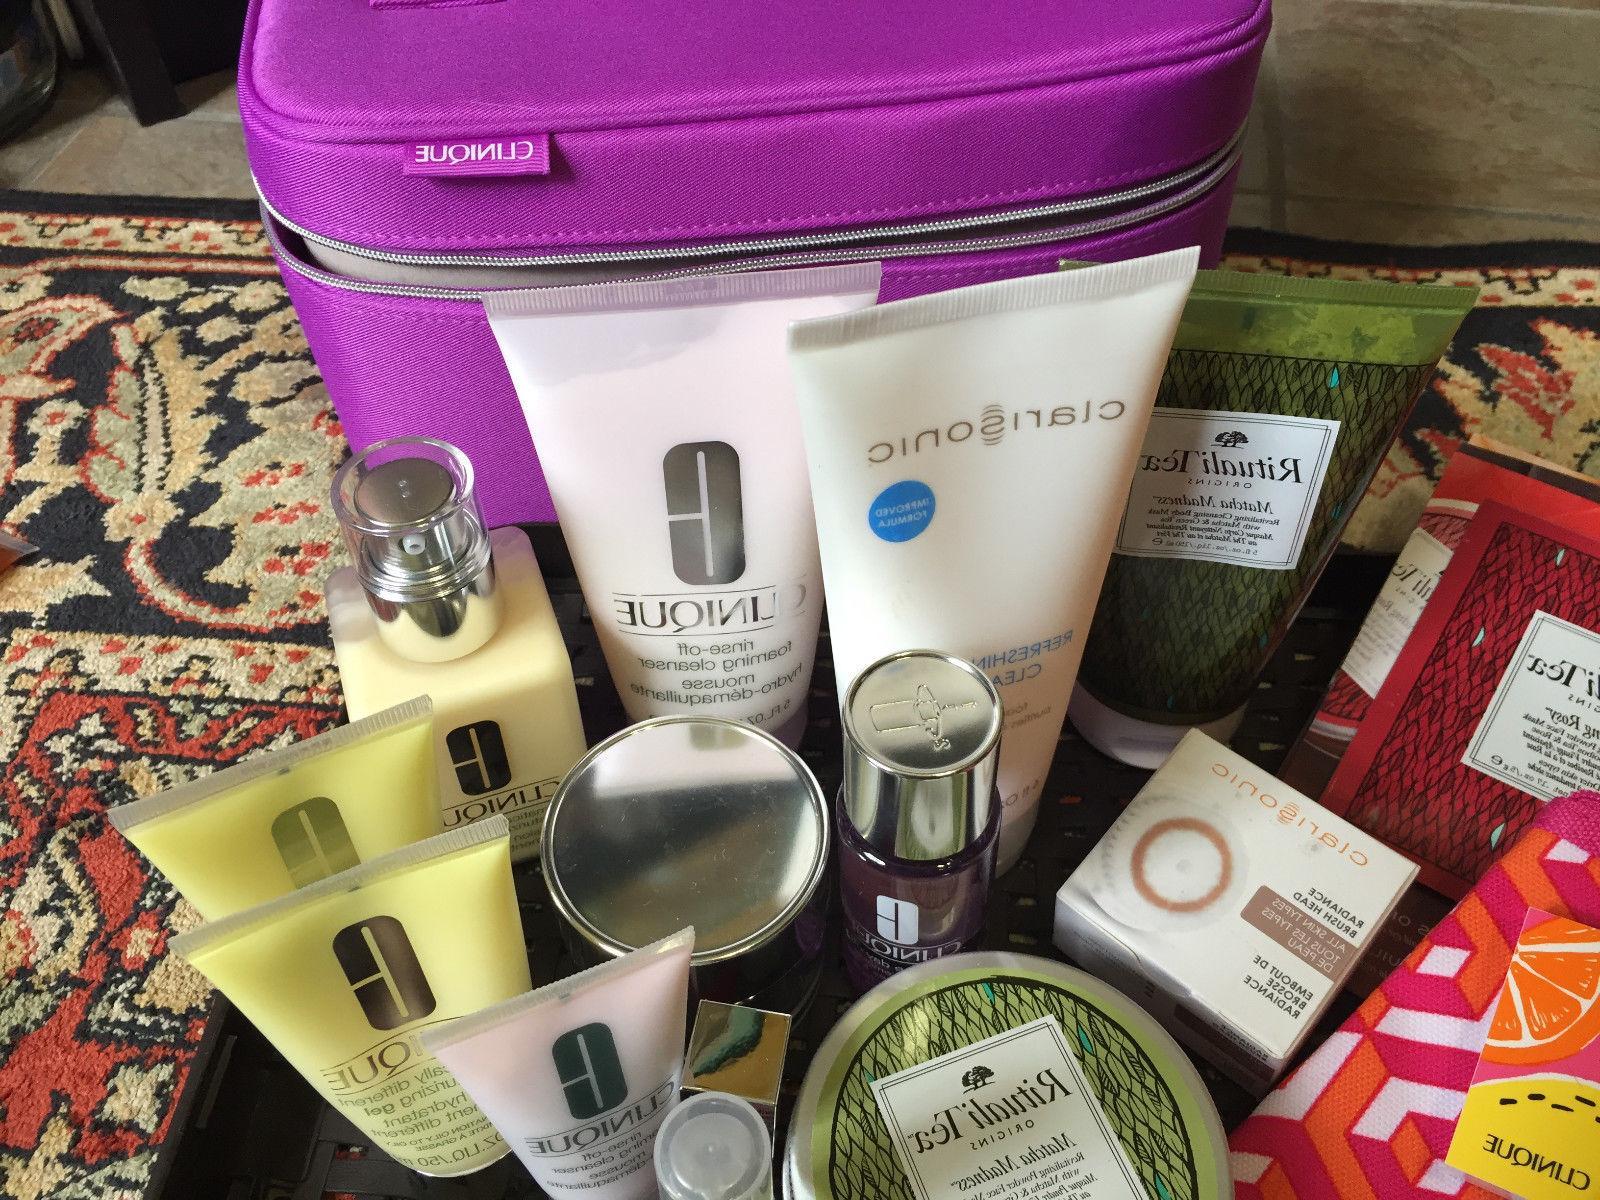 Clinique, Estee Lauder, Origins Cosmetics - Select Your Favorites!